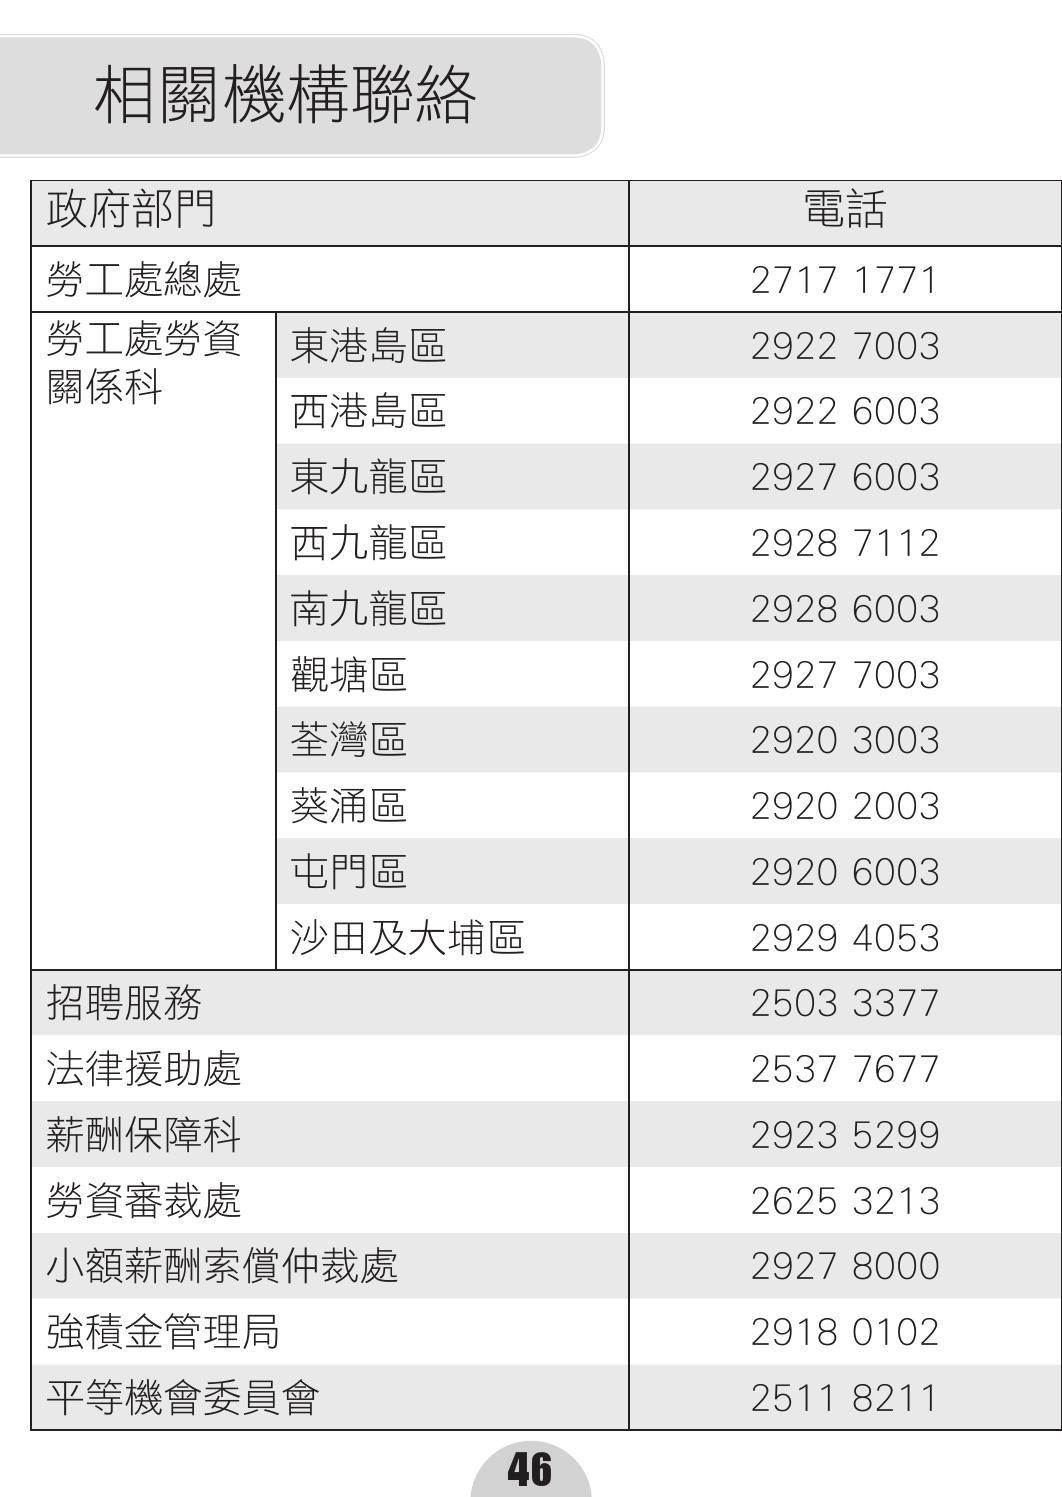 勞法及權益小冊子2014(第二版) by Tze Wei Yau - Issuu